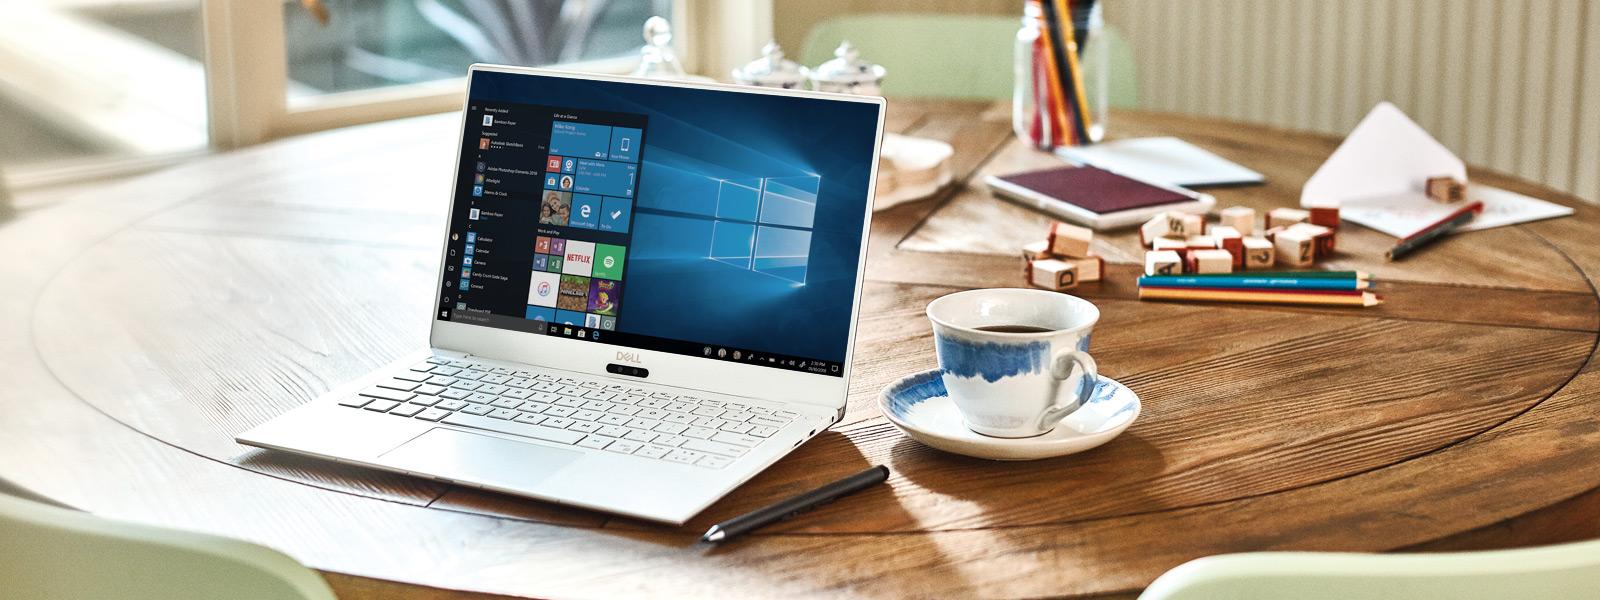 Ein Dell XPS 13 9370 steht geöffnet auf einem Tisch und zeigt den Windows 10-Startbildschirm an.